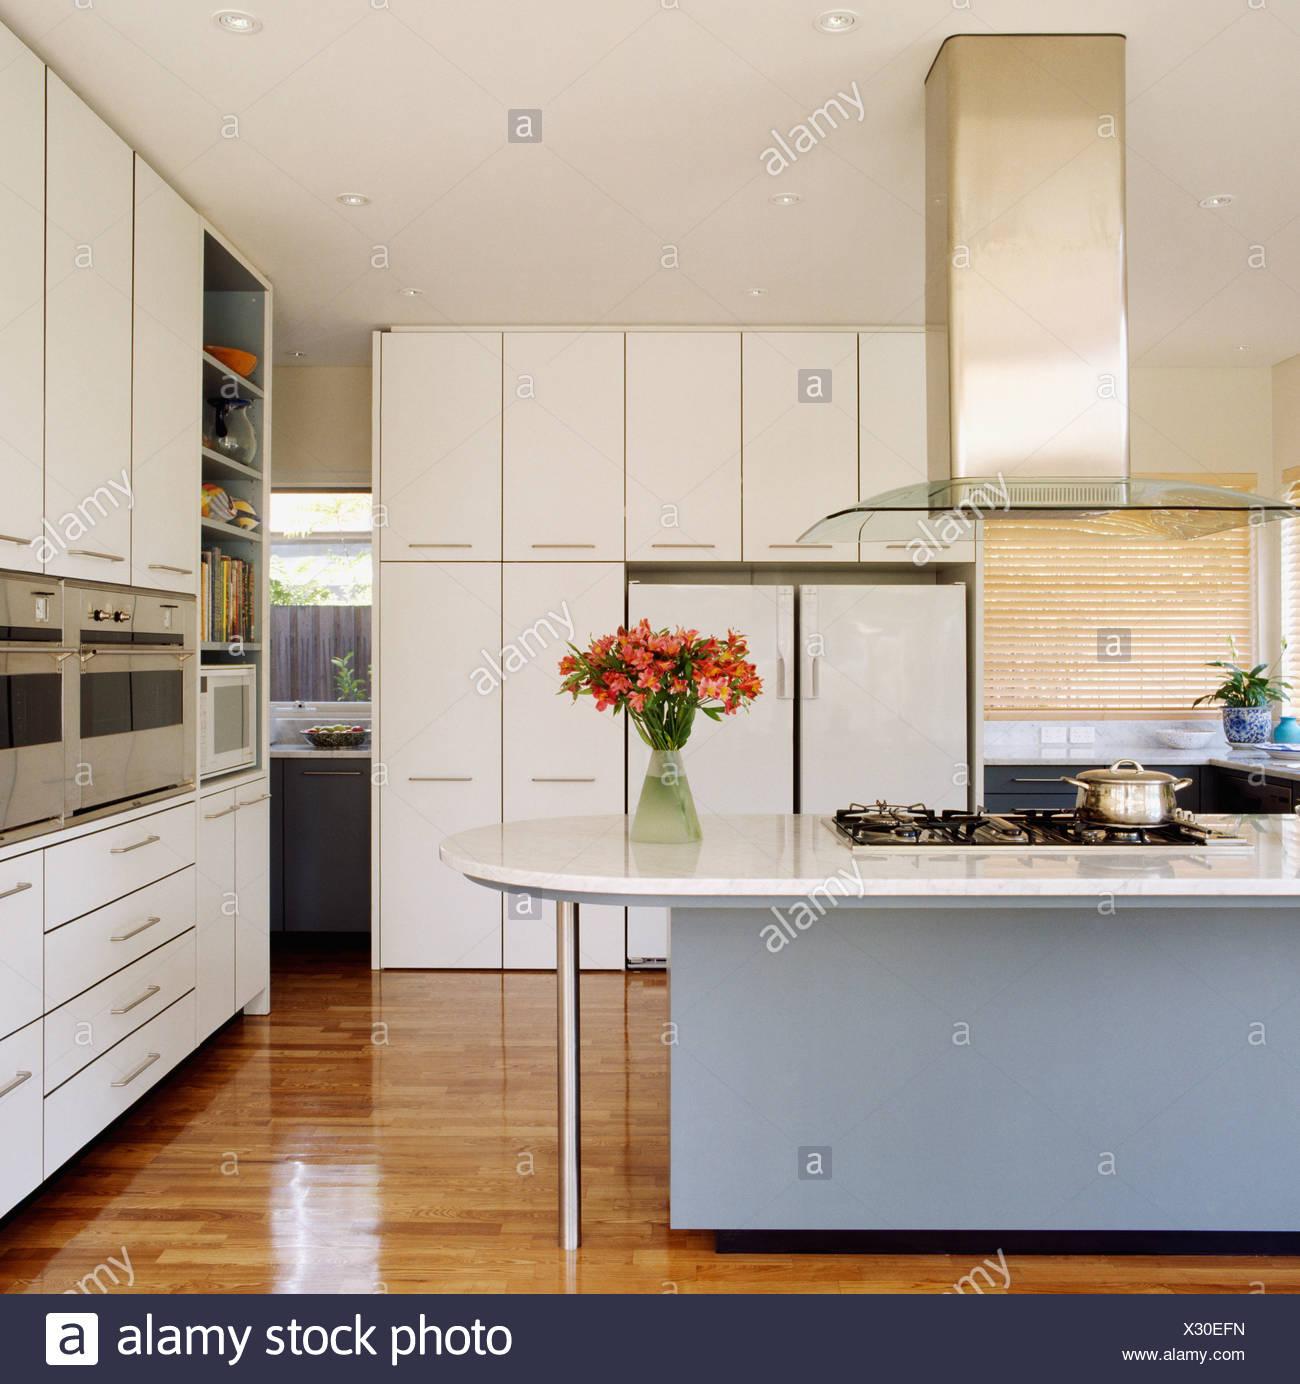 Hermosa Angustiado Isla De La Cocina Blanca Festooning - Ideas de ...